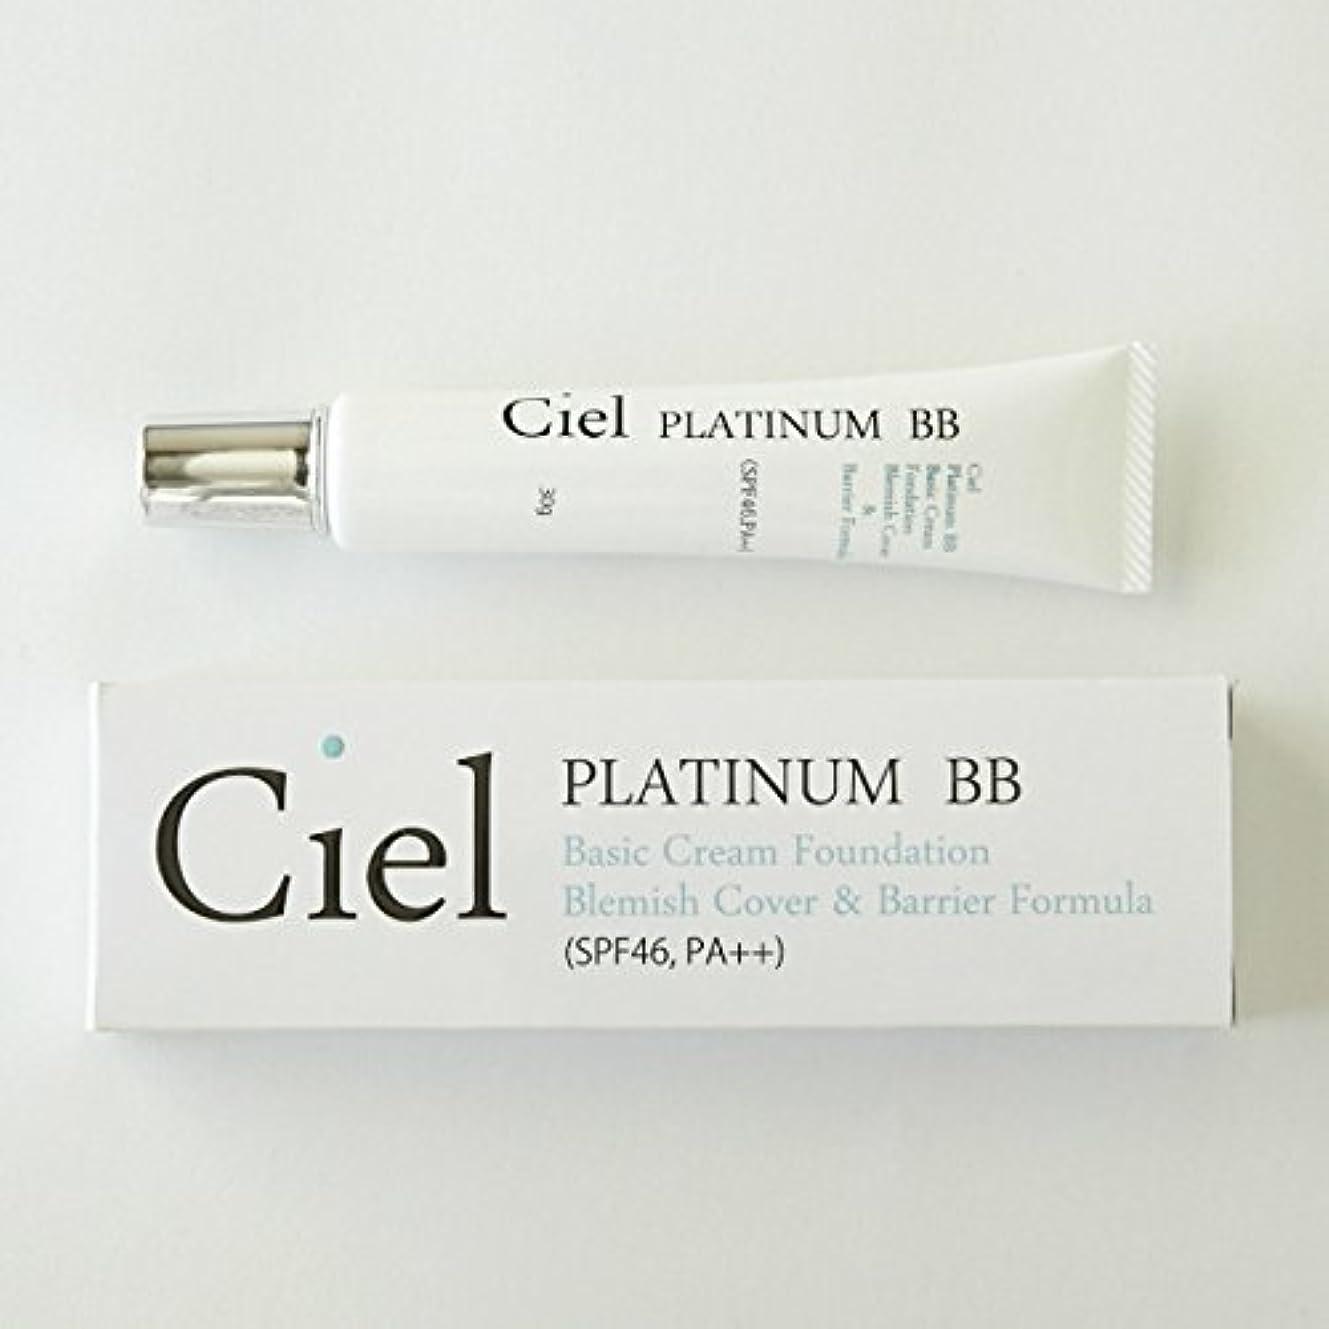 暗くするトレーニング植物学者Ciel Salon de Beaute Ciel PLATINUM BB SPF46 BBクリーム ファンデーション 日本製 日焼け止め